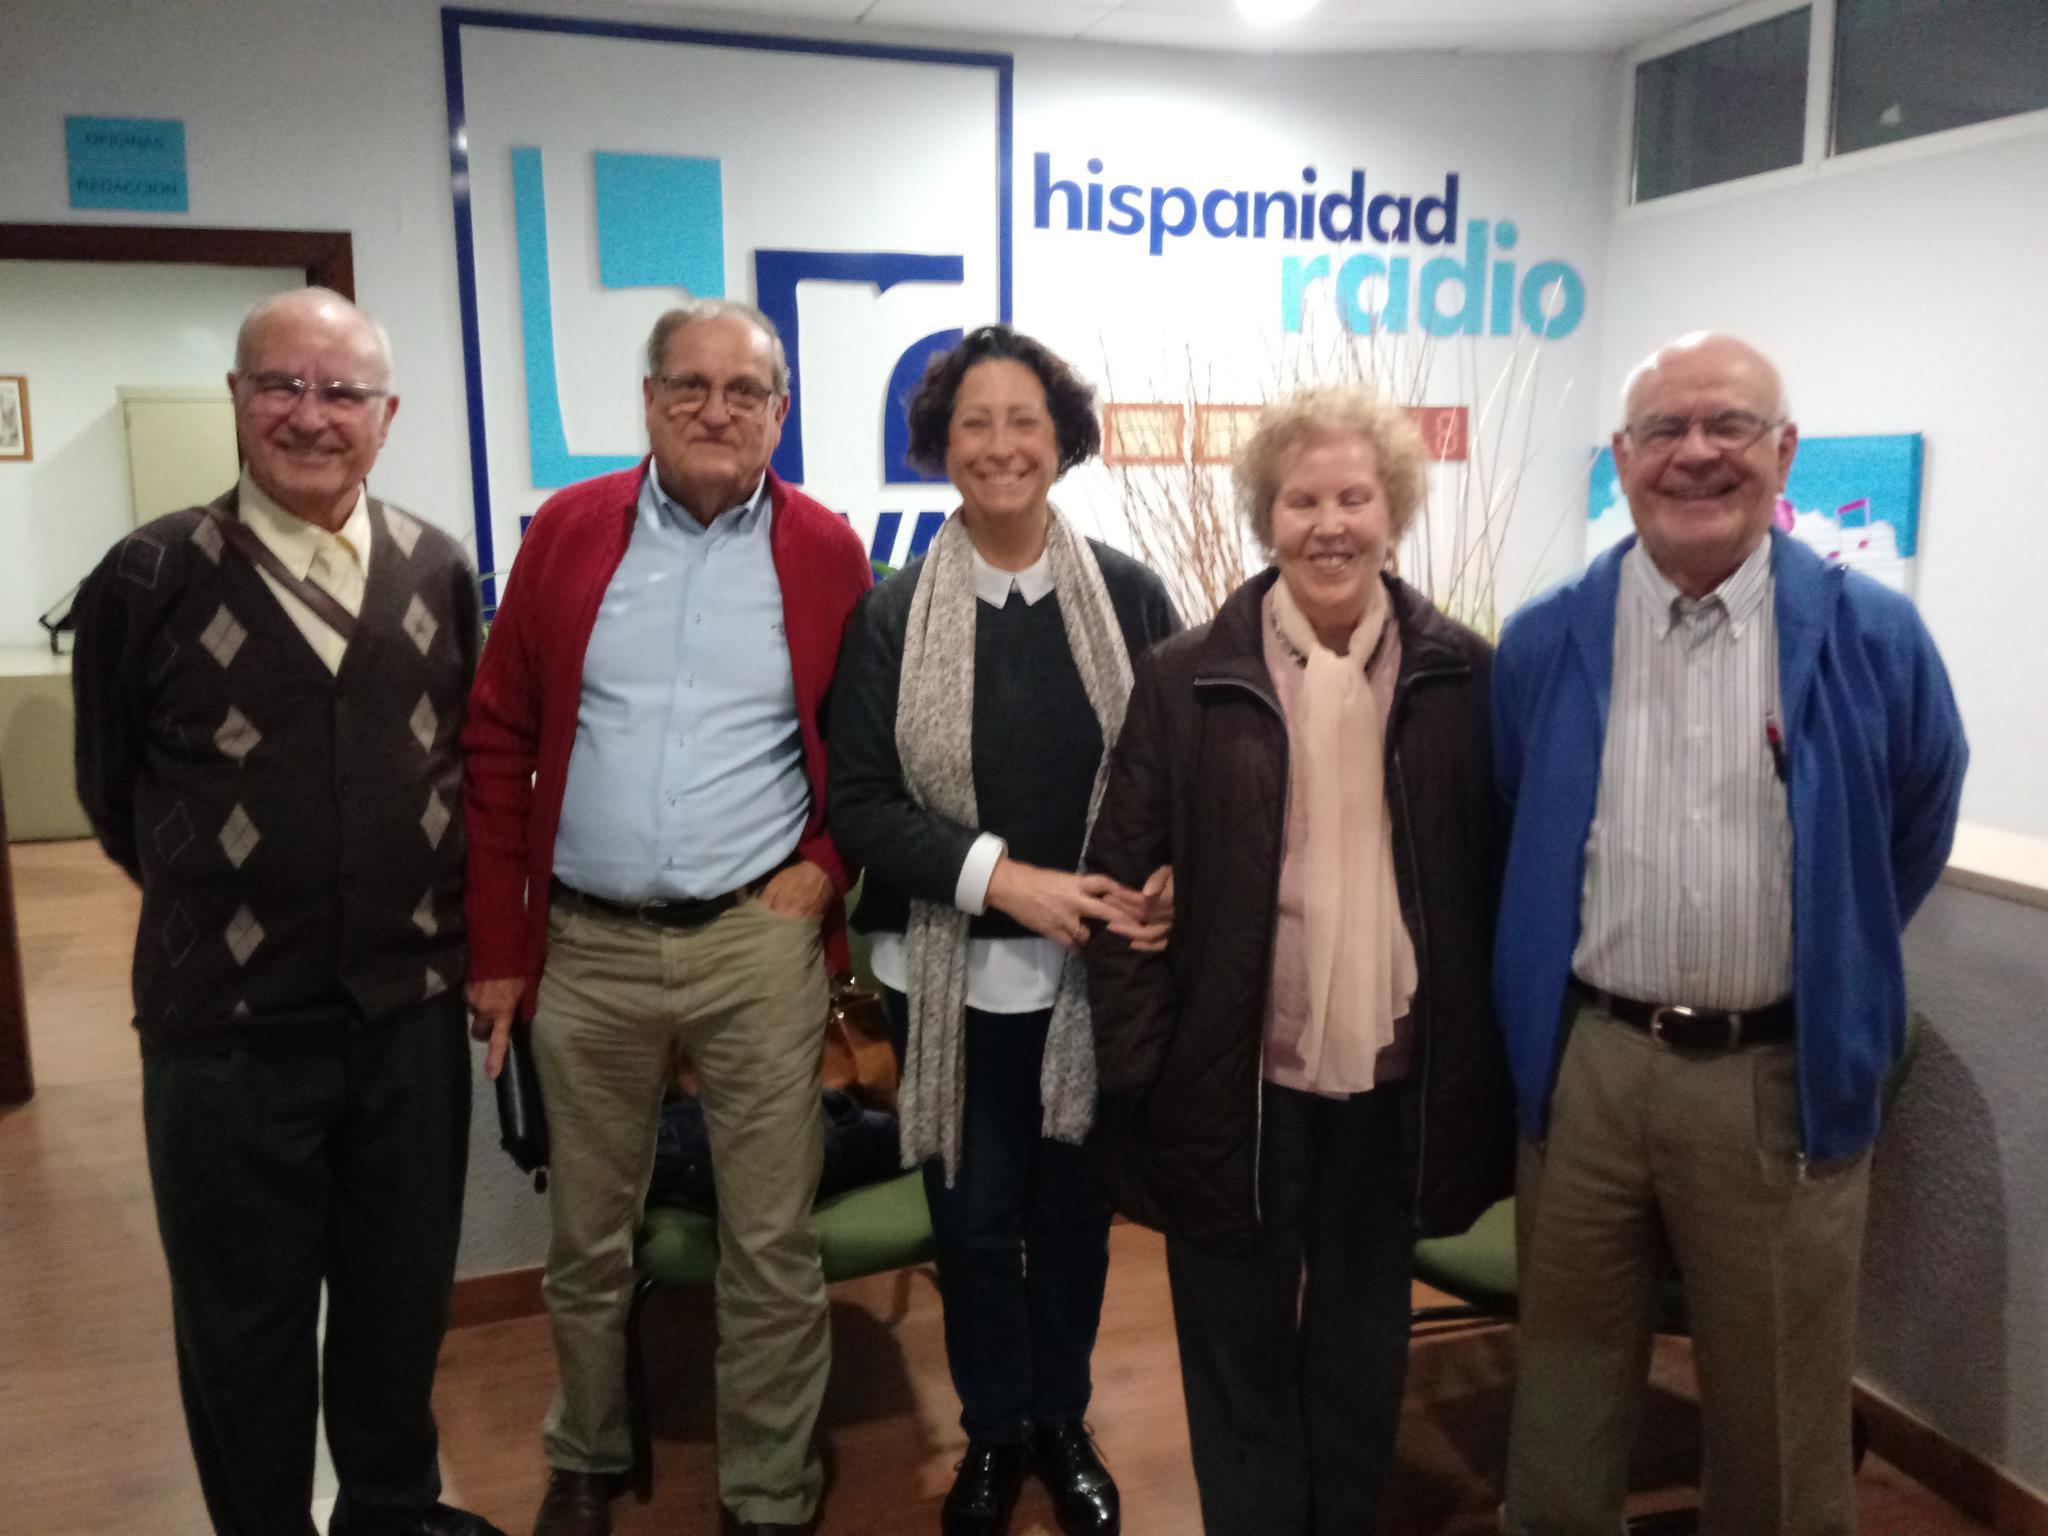 De Pueblo a pueblo 27-03-2019 Poesía de Huelva